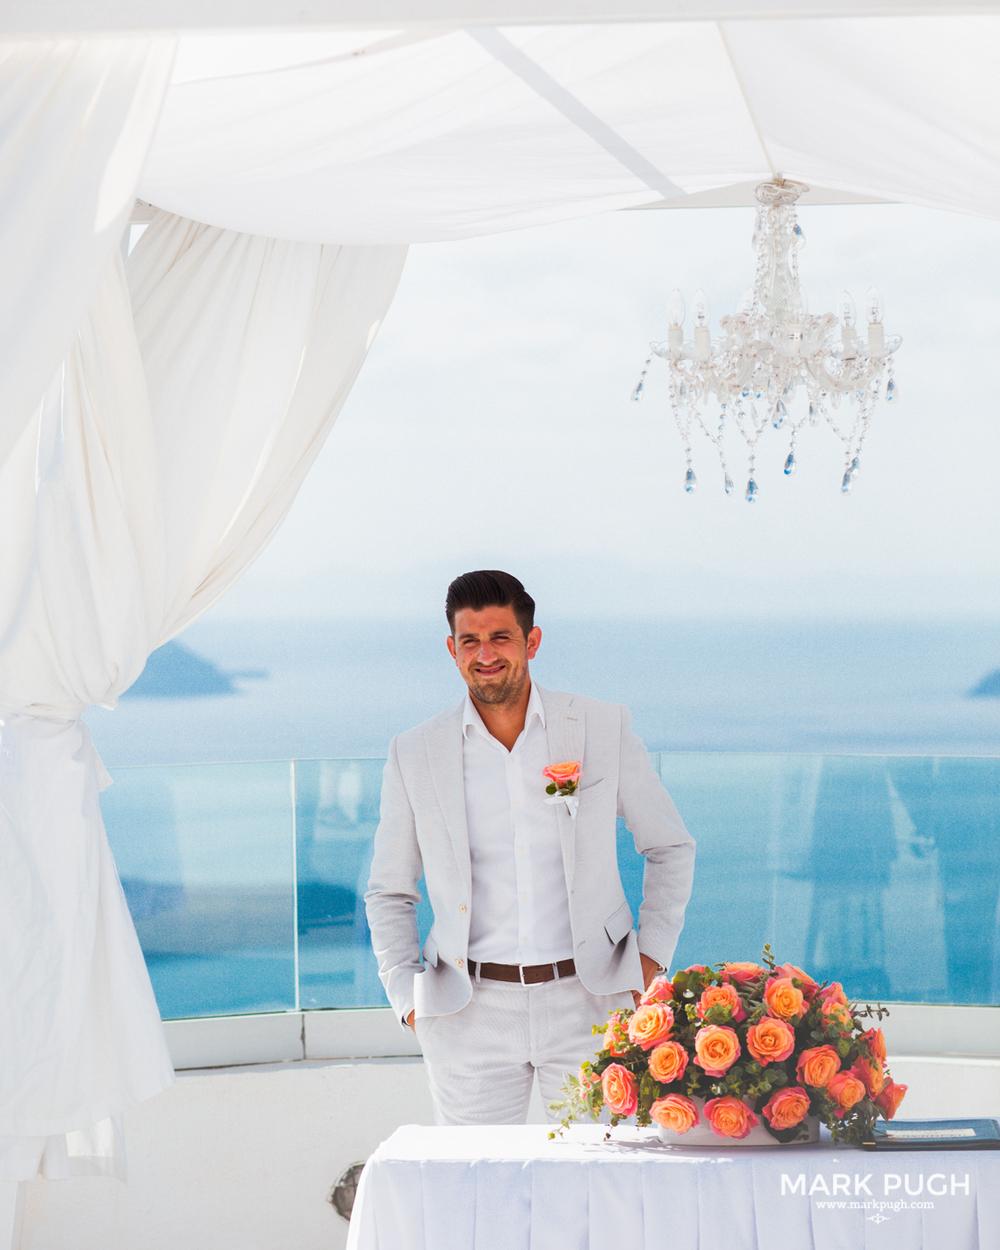 047 - Kerry and Lee - Destination Wedding in Santorini by www.markpugh.com -0401.JPG